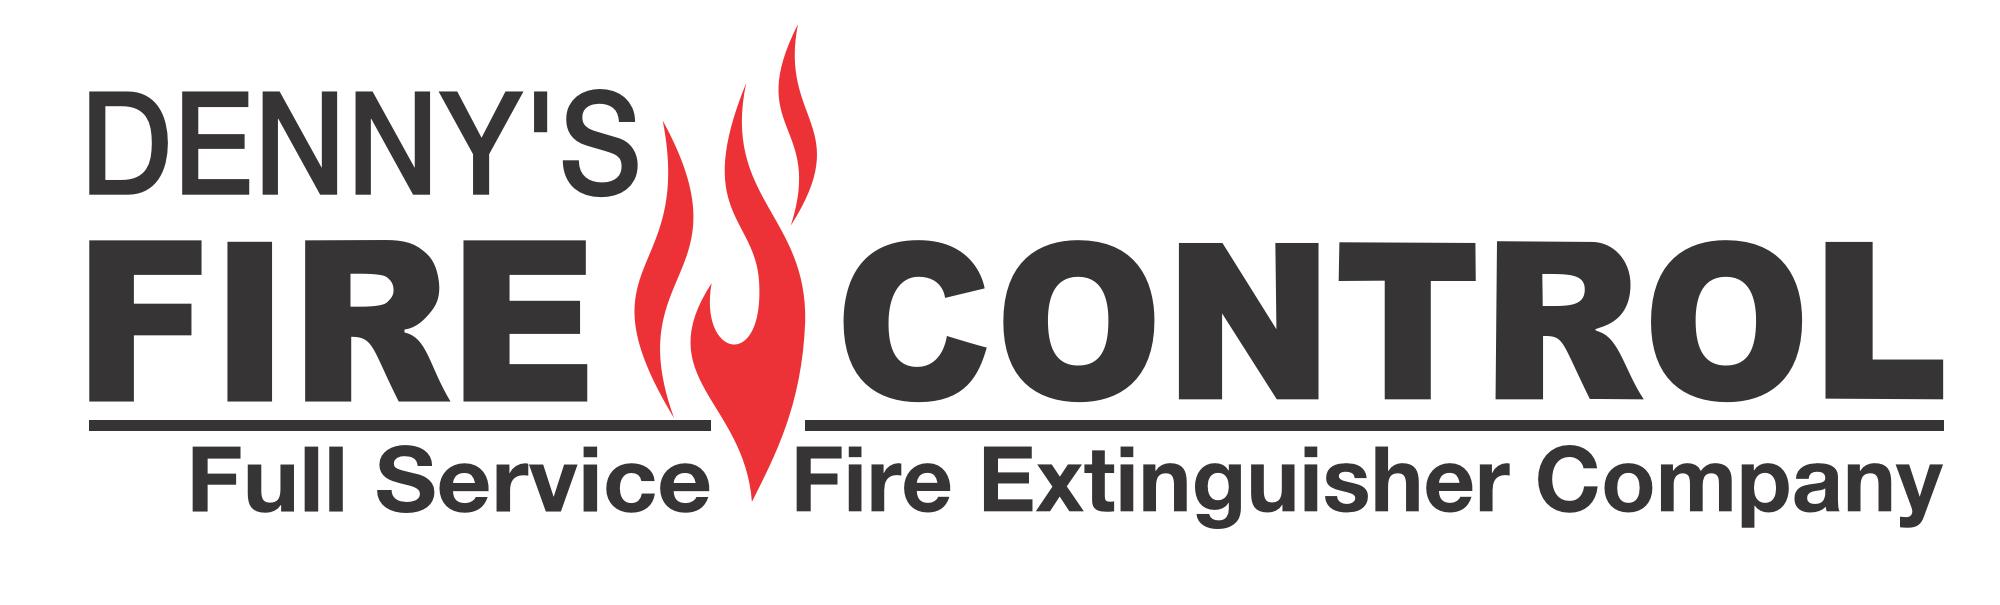 dennys-fire-control-logo